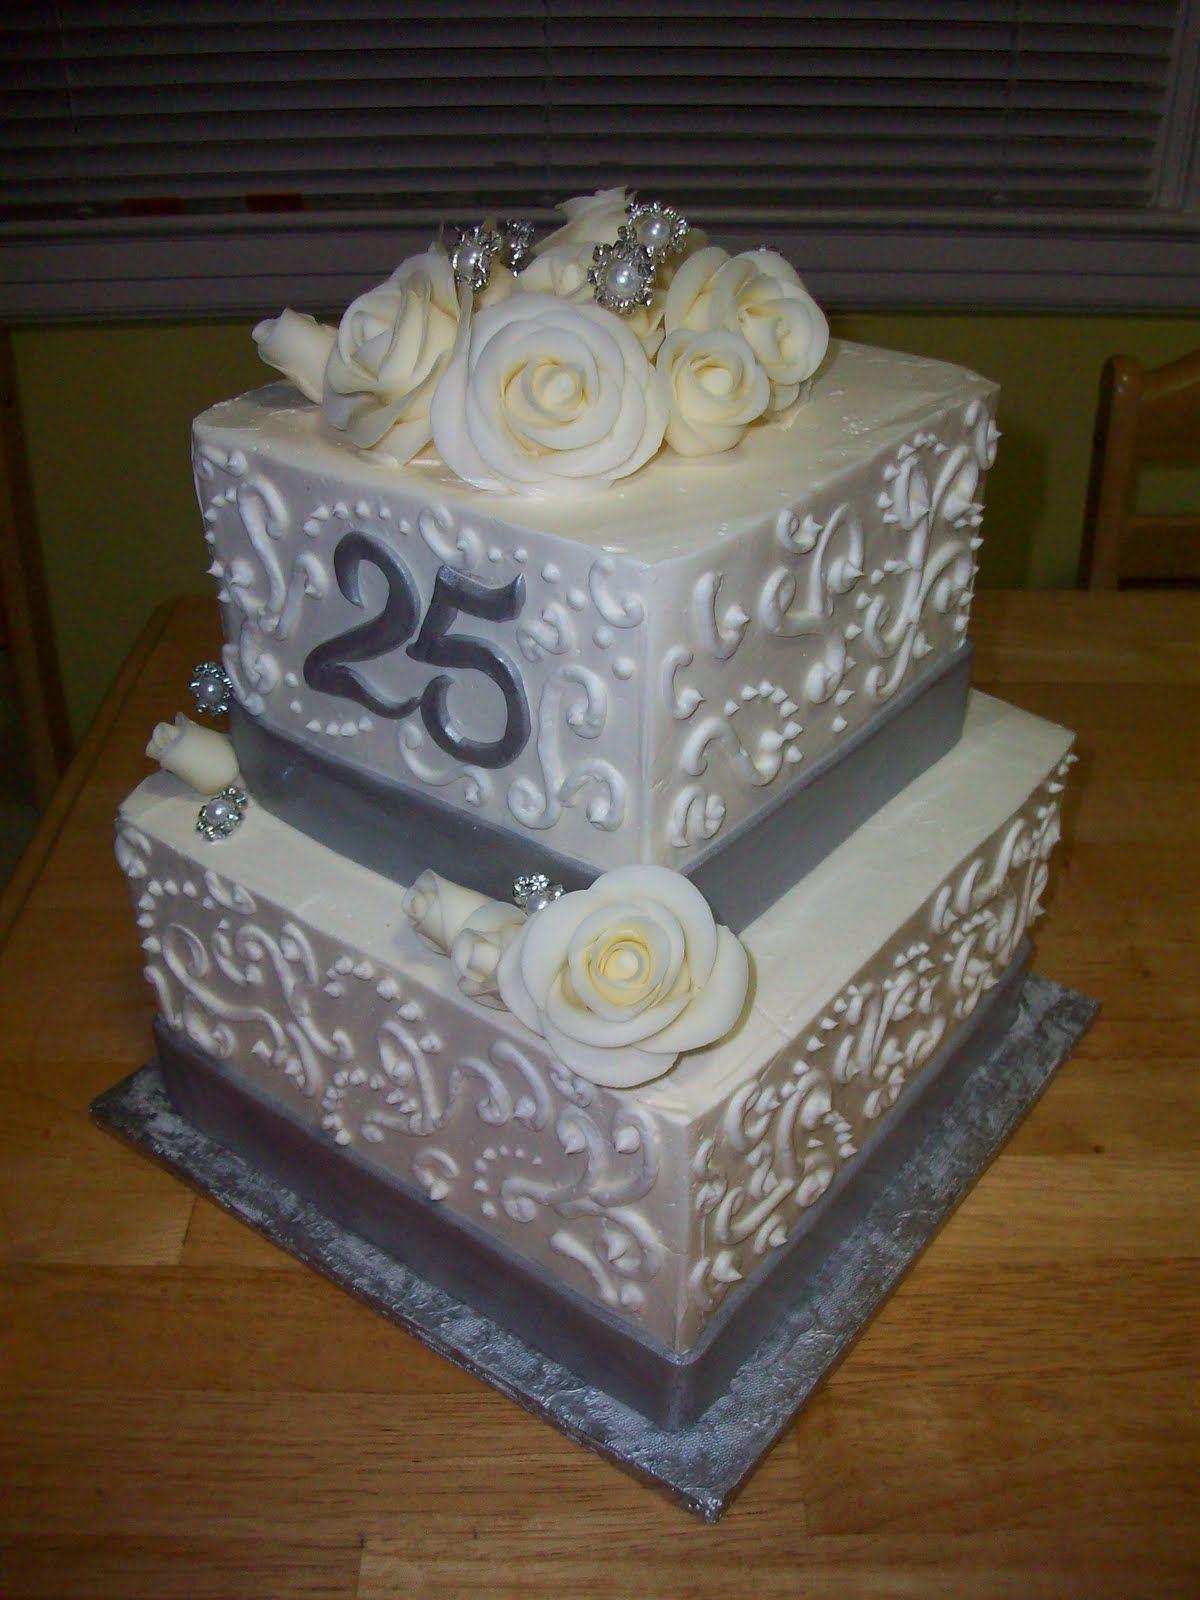 25 Anniversary Cake